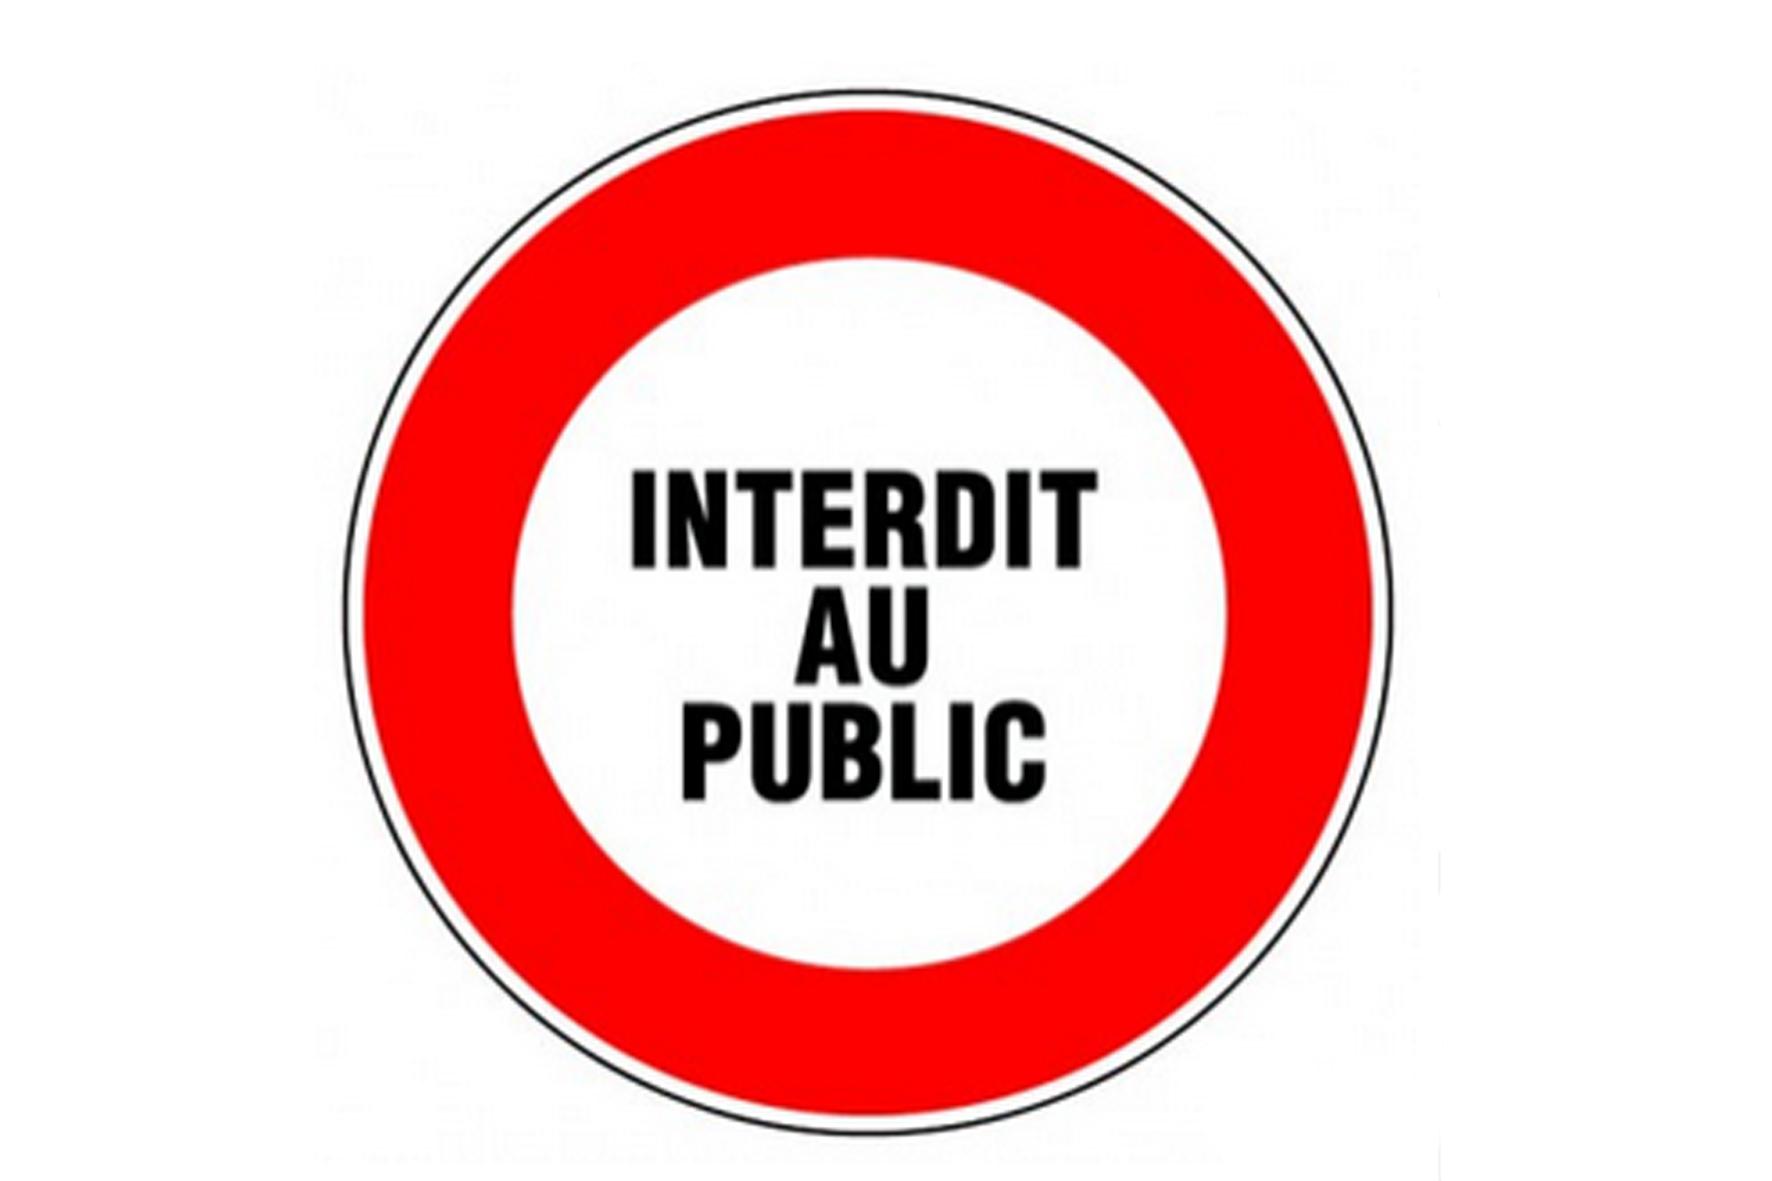 Panneau interdiction de prendre des photos ZTL en Italie, opposition, vos avis? : Forum Italie